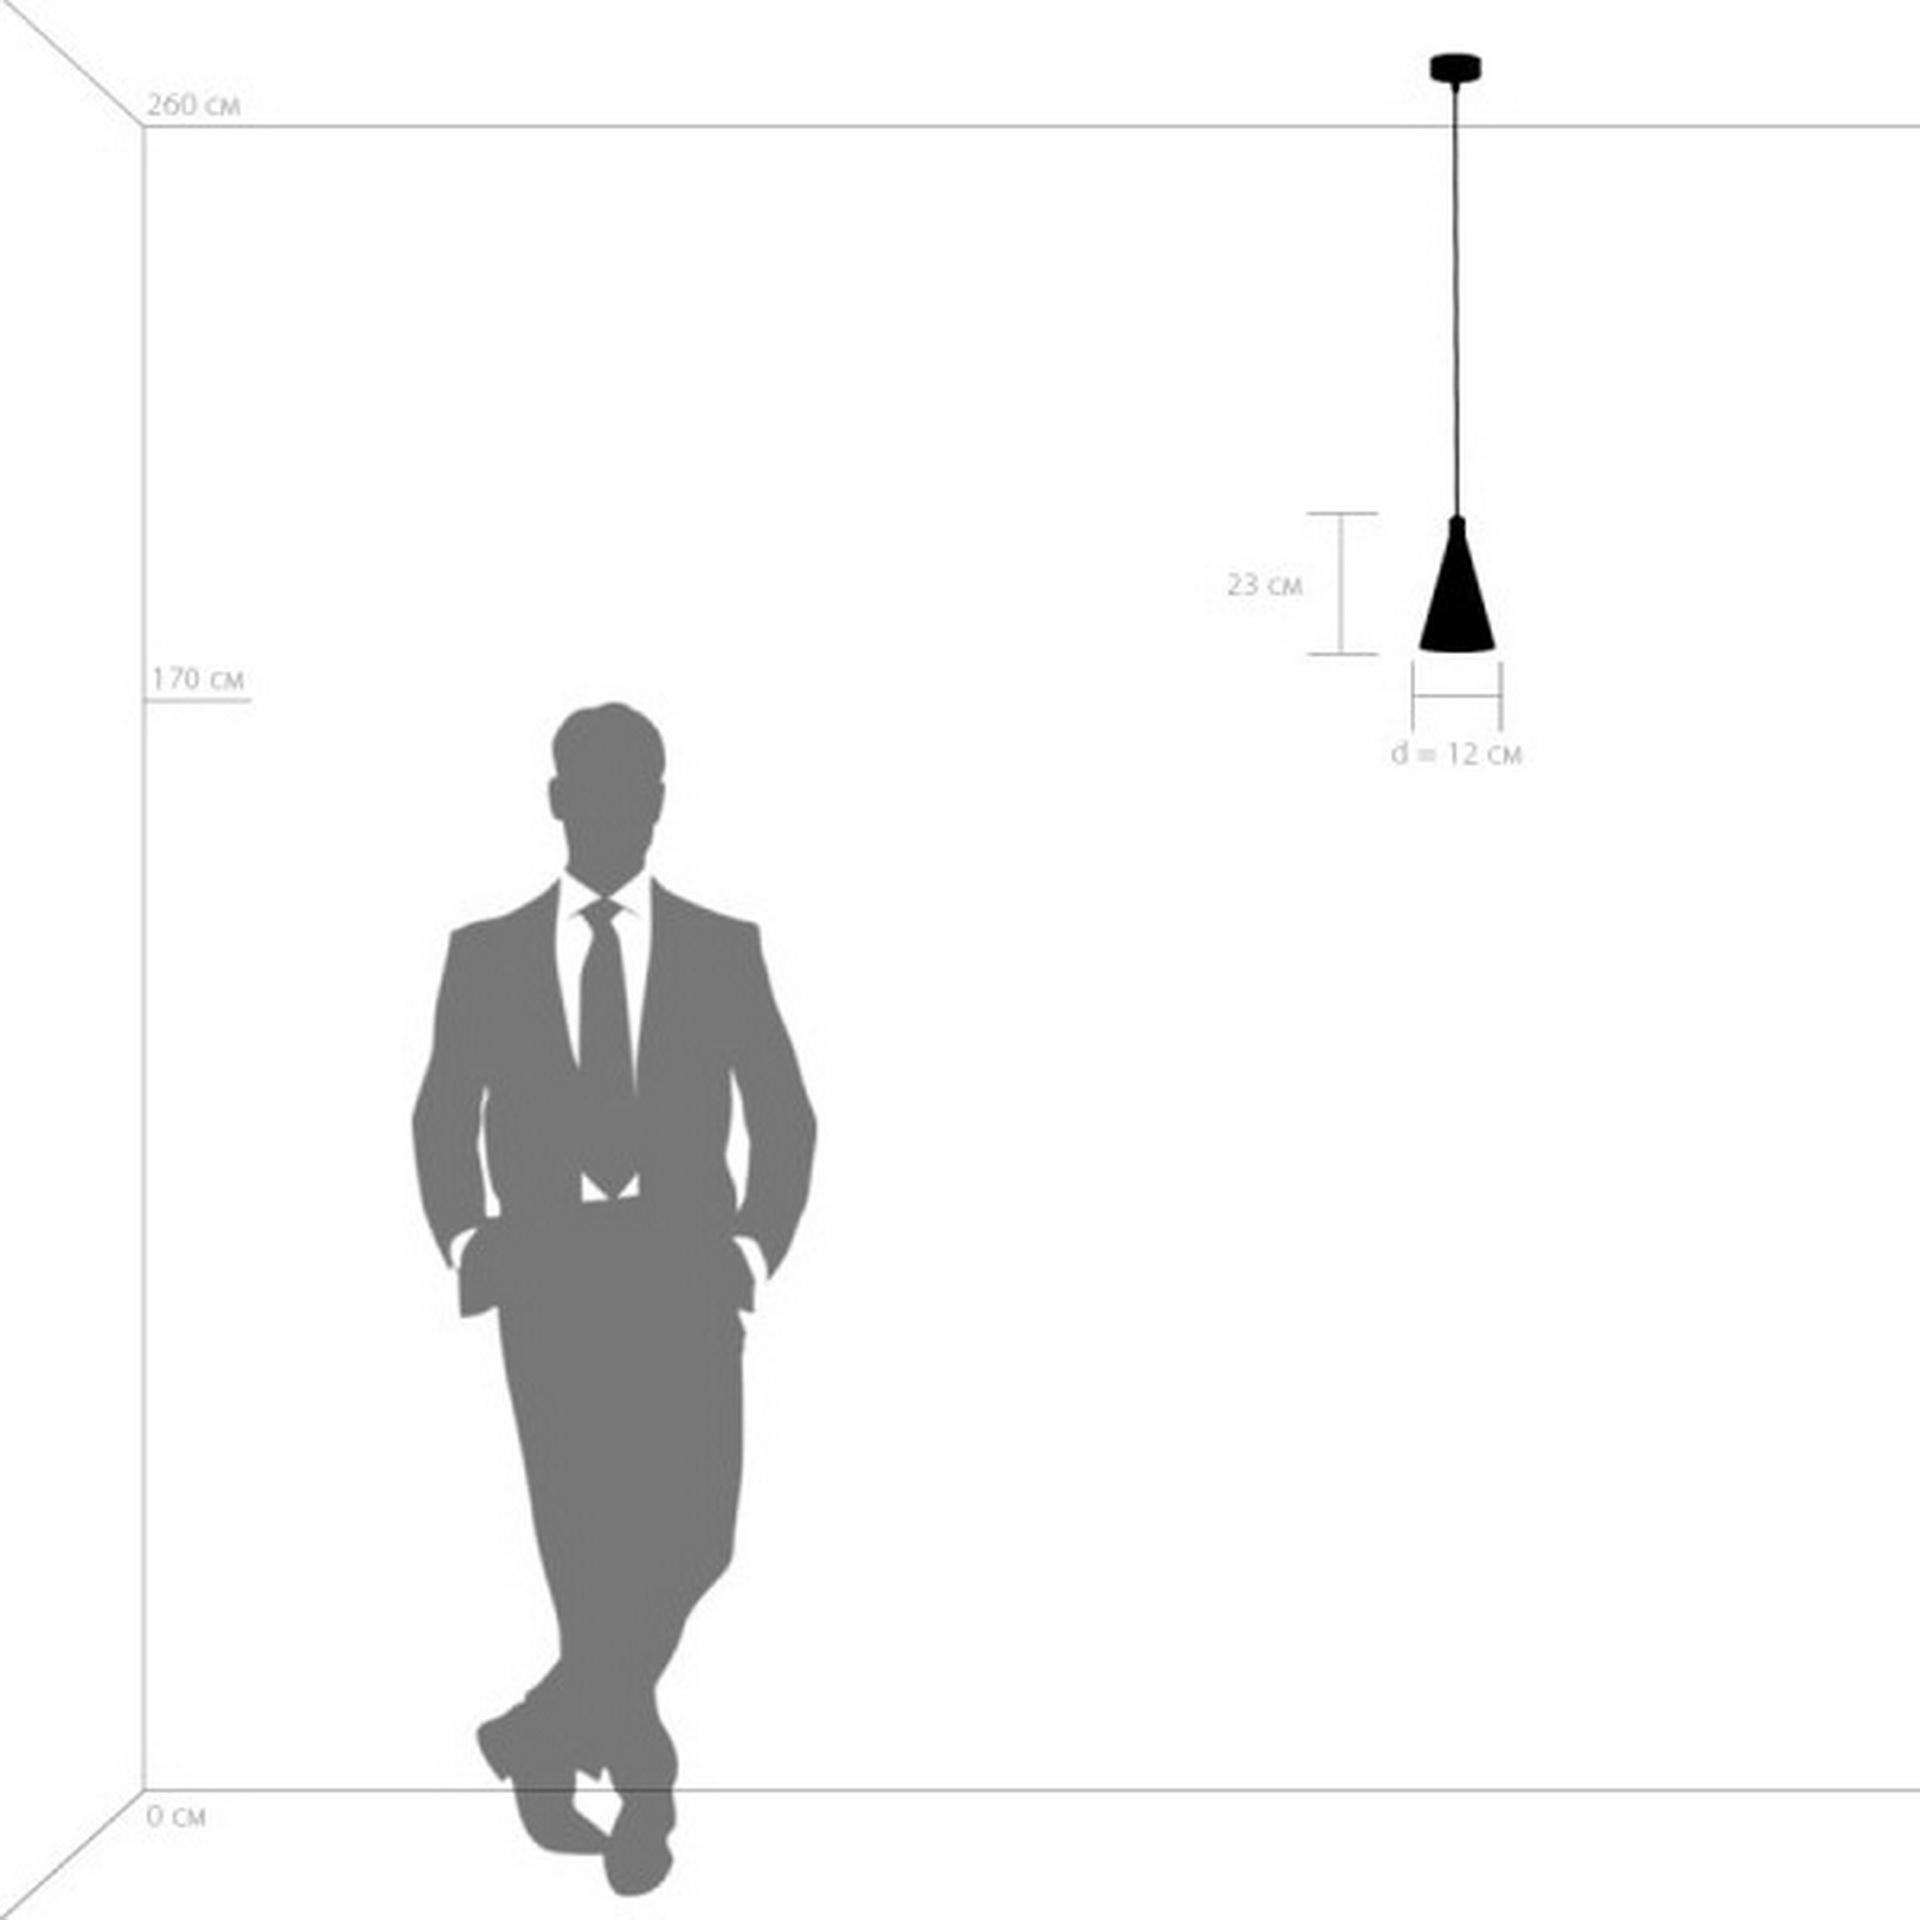 Подвесная люстра CONE LightStar 757016 цвет - белый матовый, купить в СПб, Москве, с доставкой, Санкт-Петербург, интернет-магазин люстр и светильников Starlight, фото в жизни